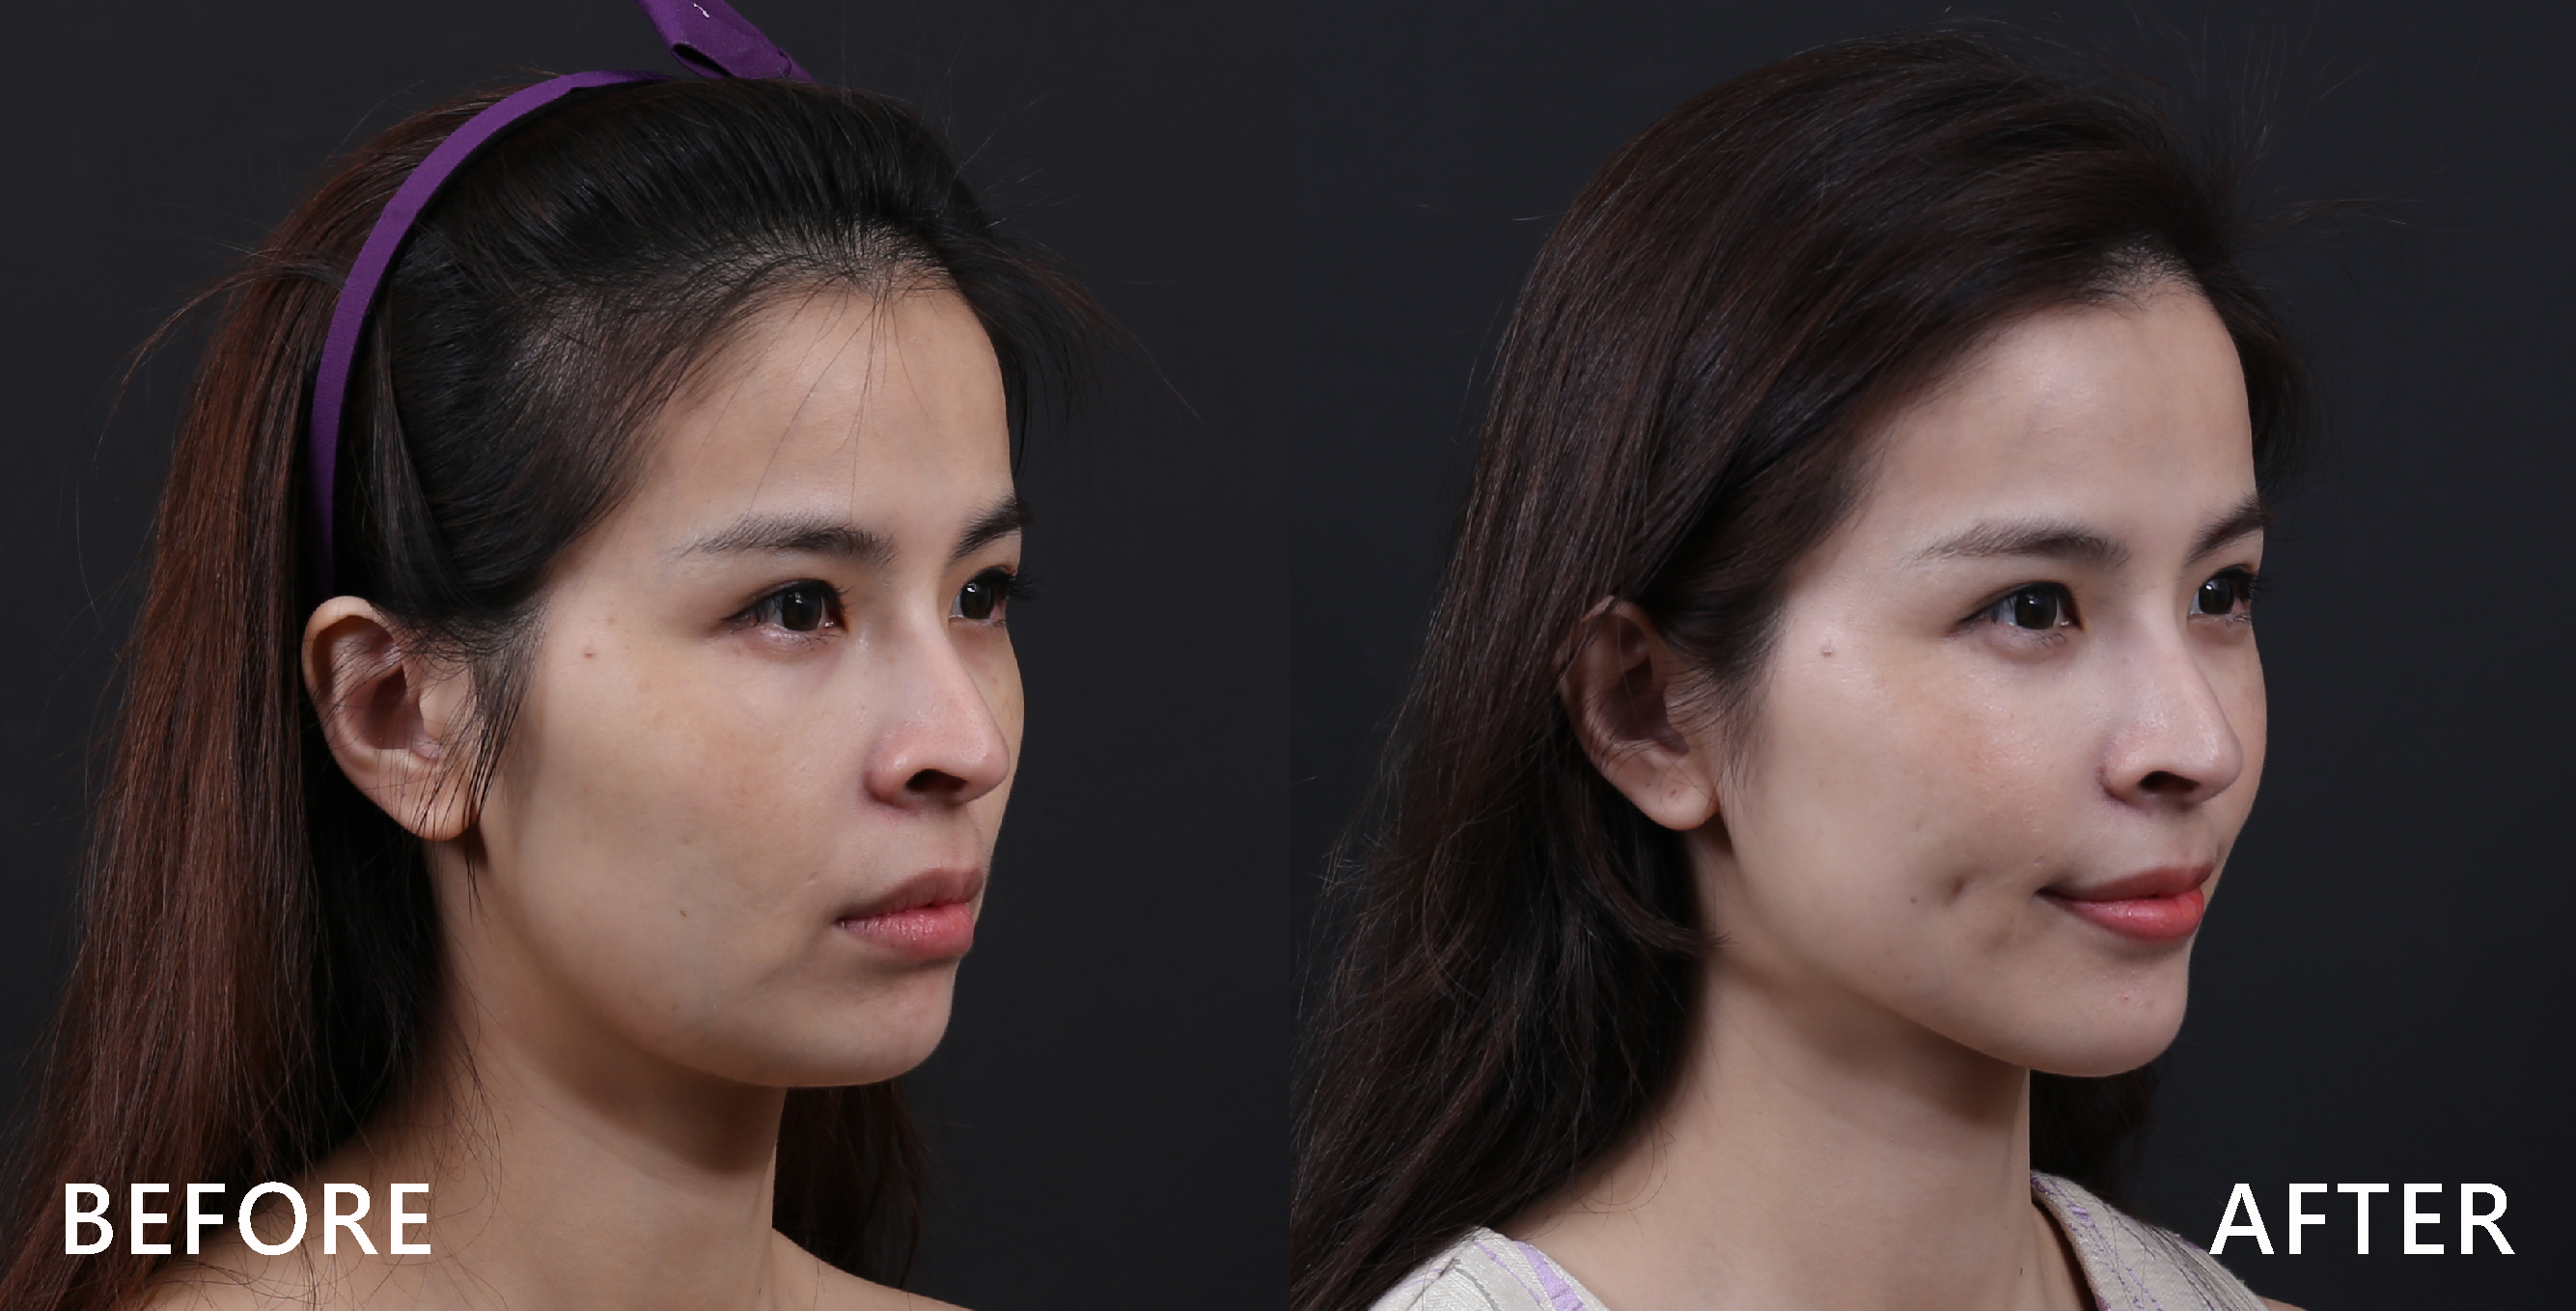 從側面看美國極線音波拉皮Ulthera之後,臉部曲線拉提,小V臉尖下巴出現,也感覺有膠原蛋白增生的年輕膚感,整體感覺變年輕了。 (實際效果依個案而異)